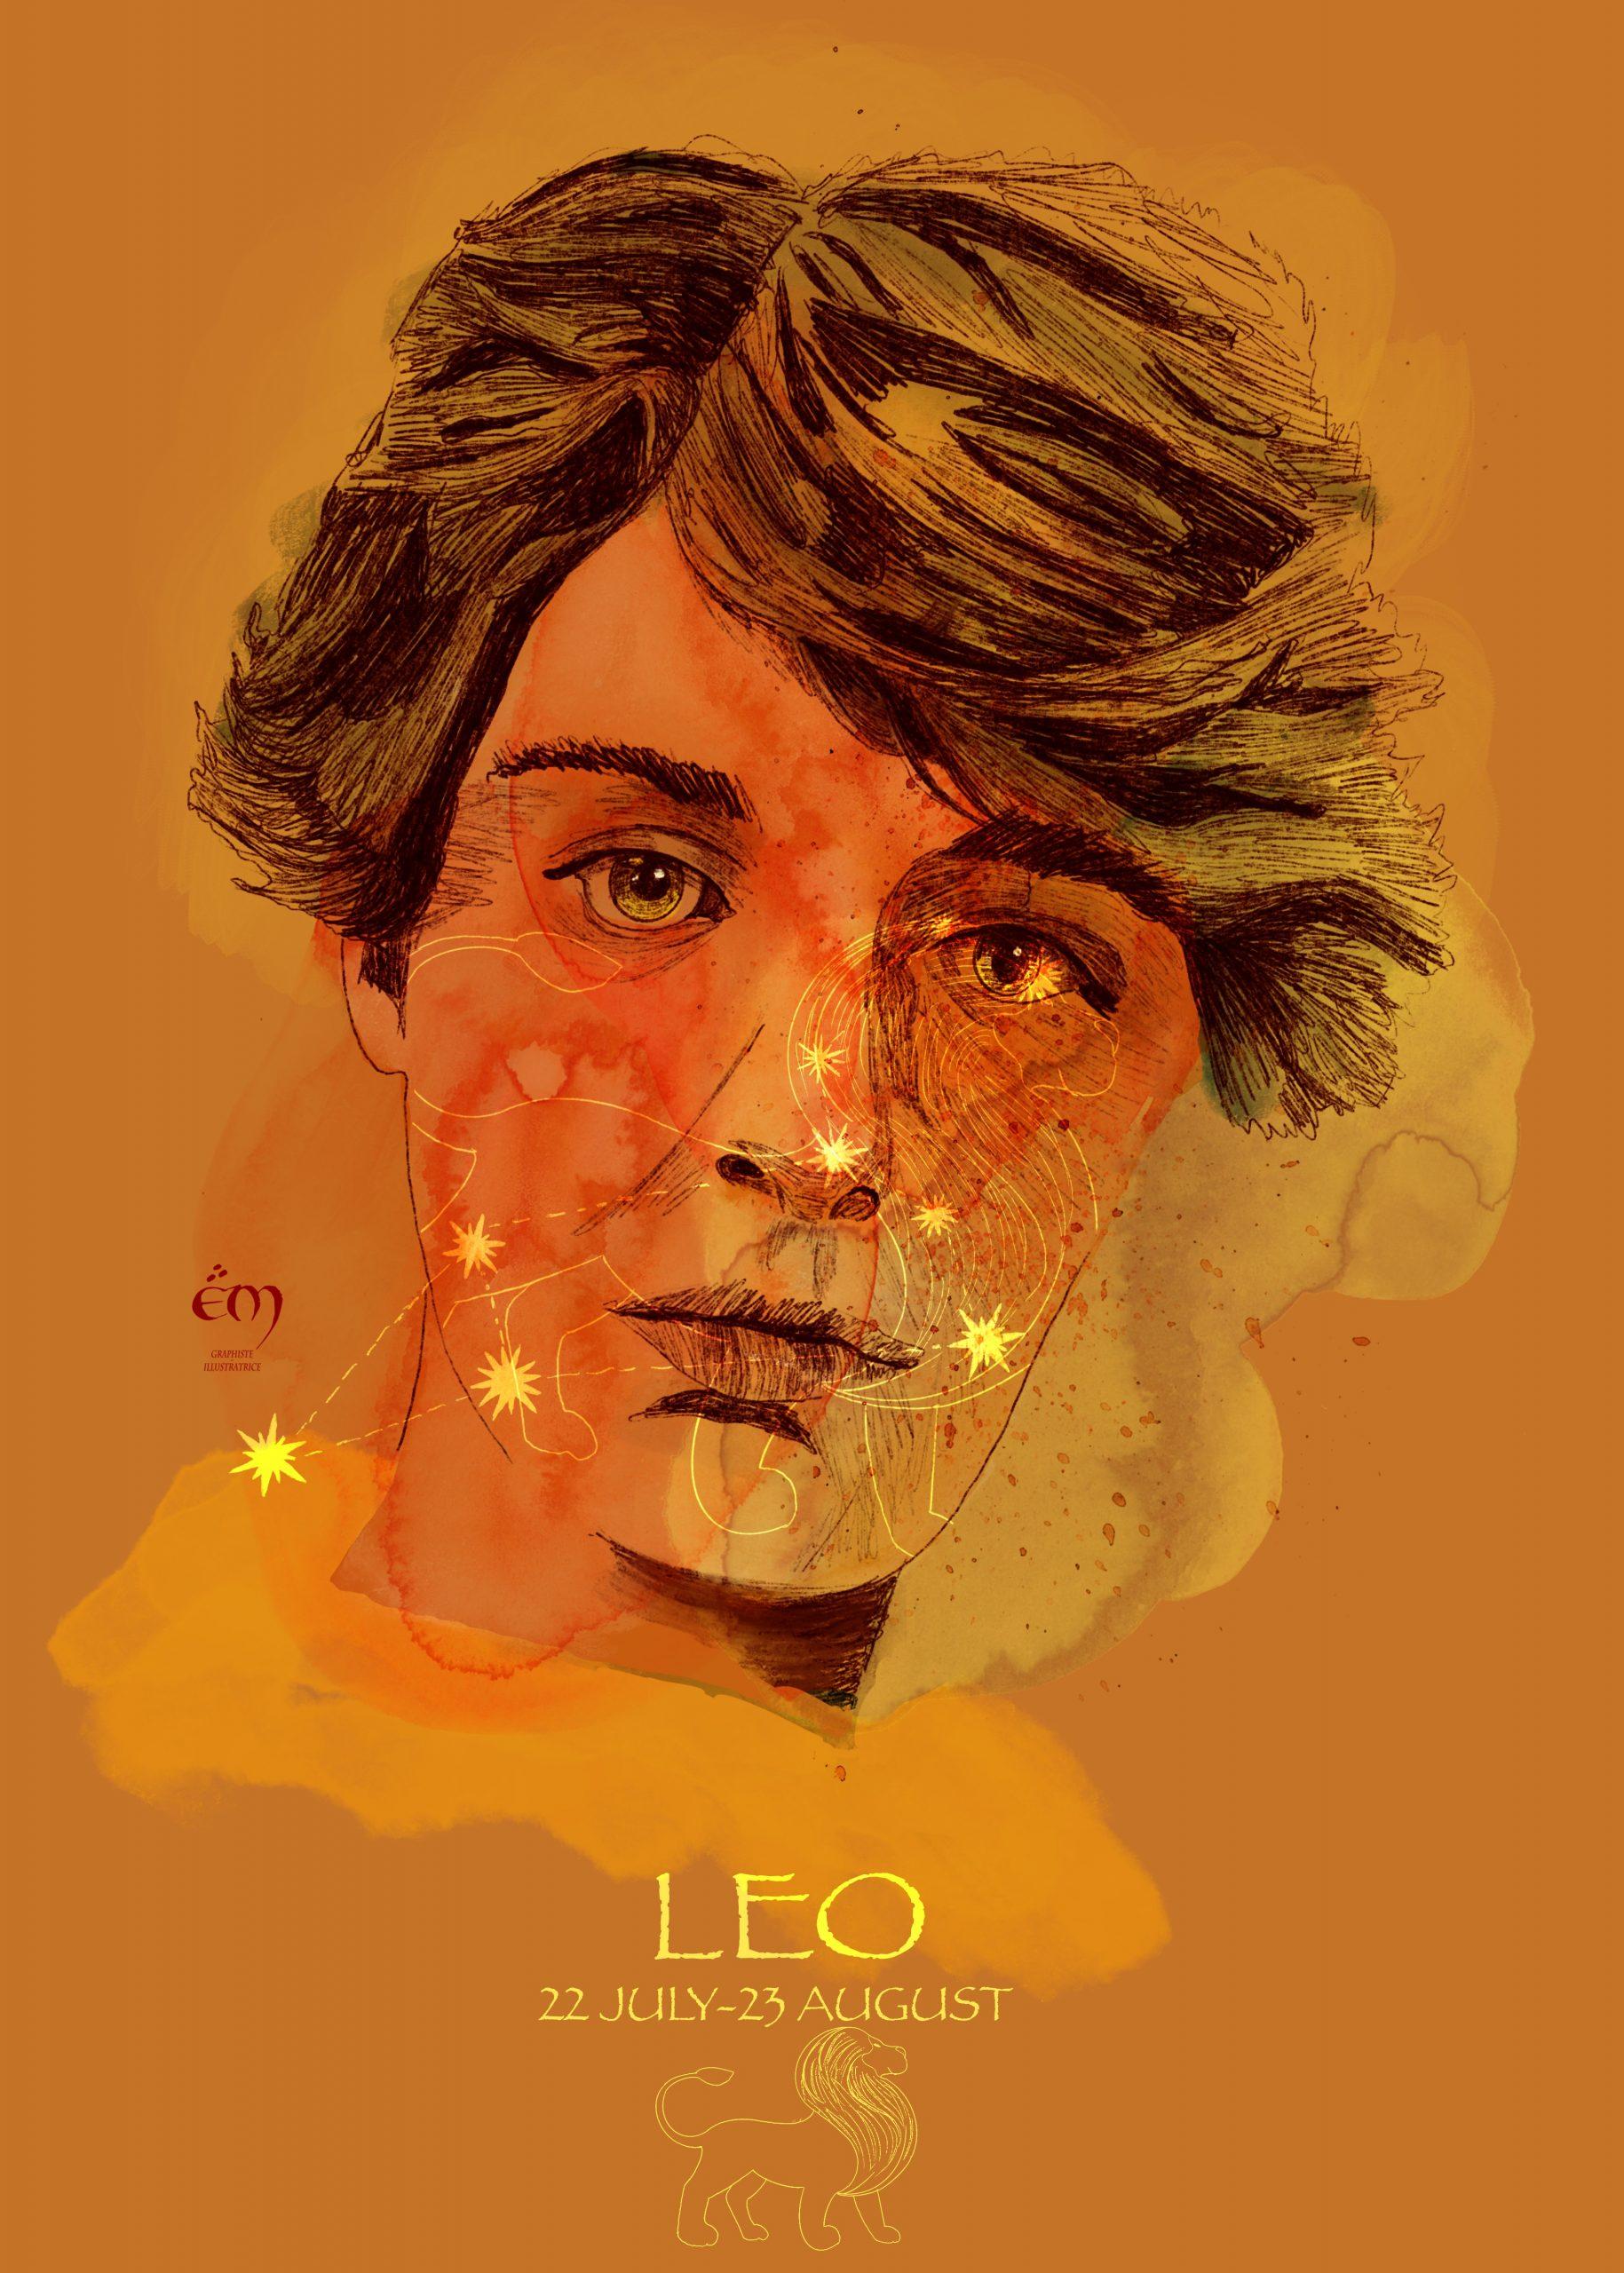 PORTRAIT / LEO A collection de portraits sur le thème de l'astrologie.